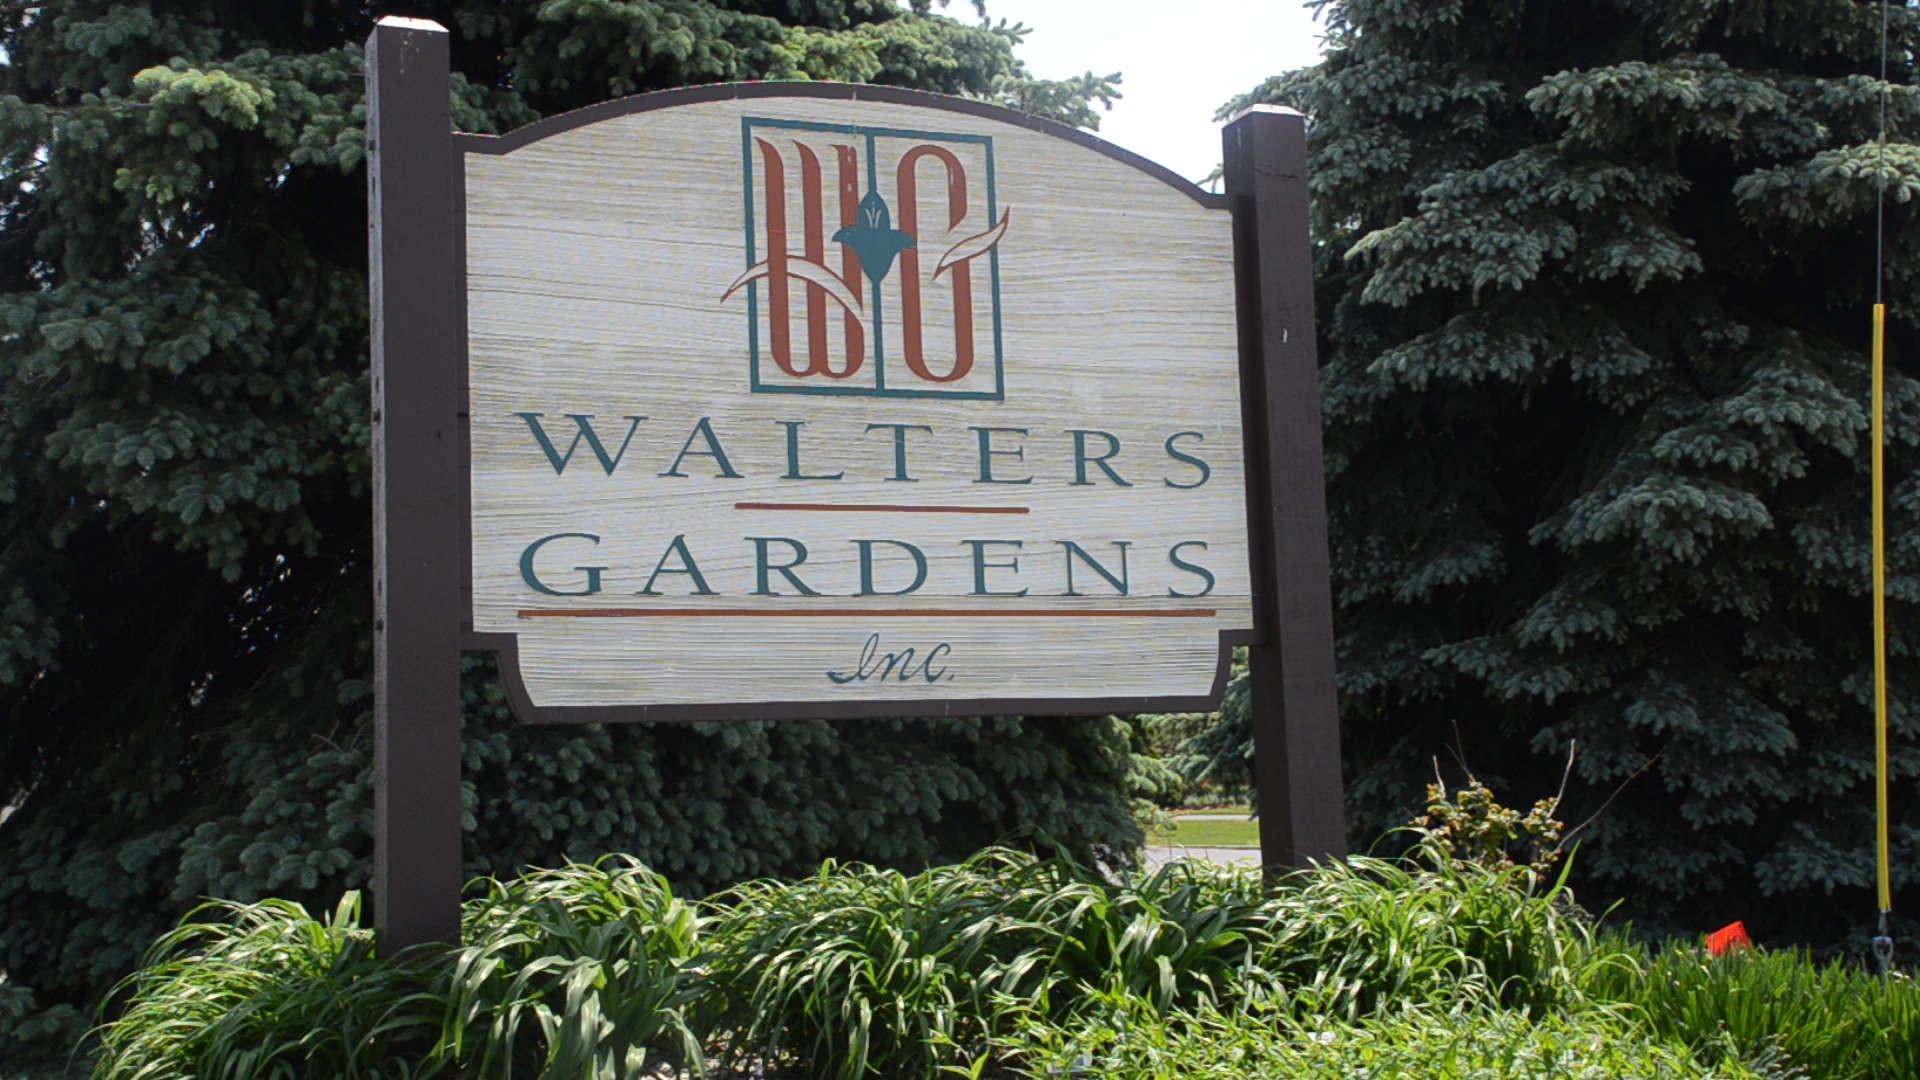 Working @ Walters Gardens